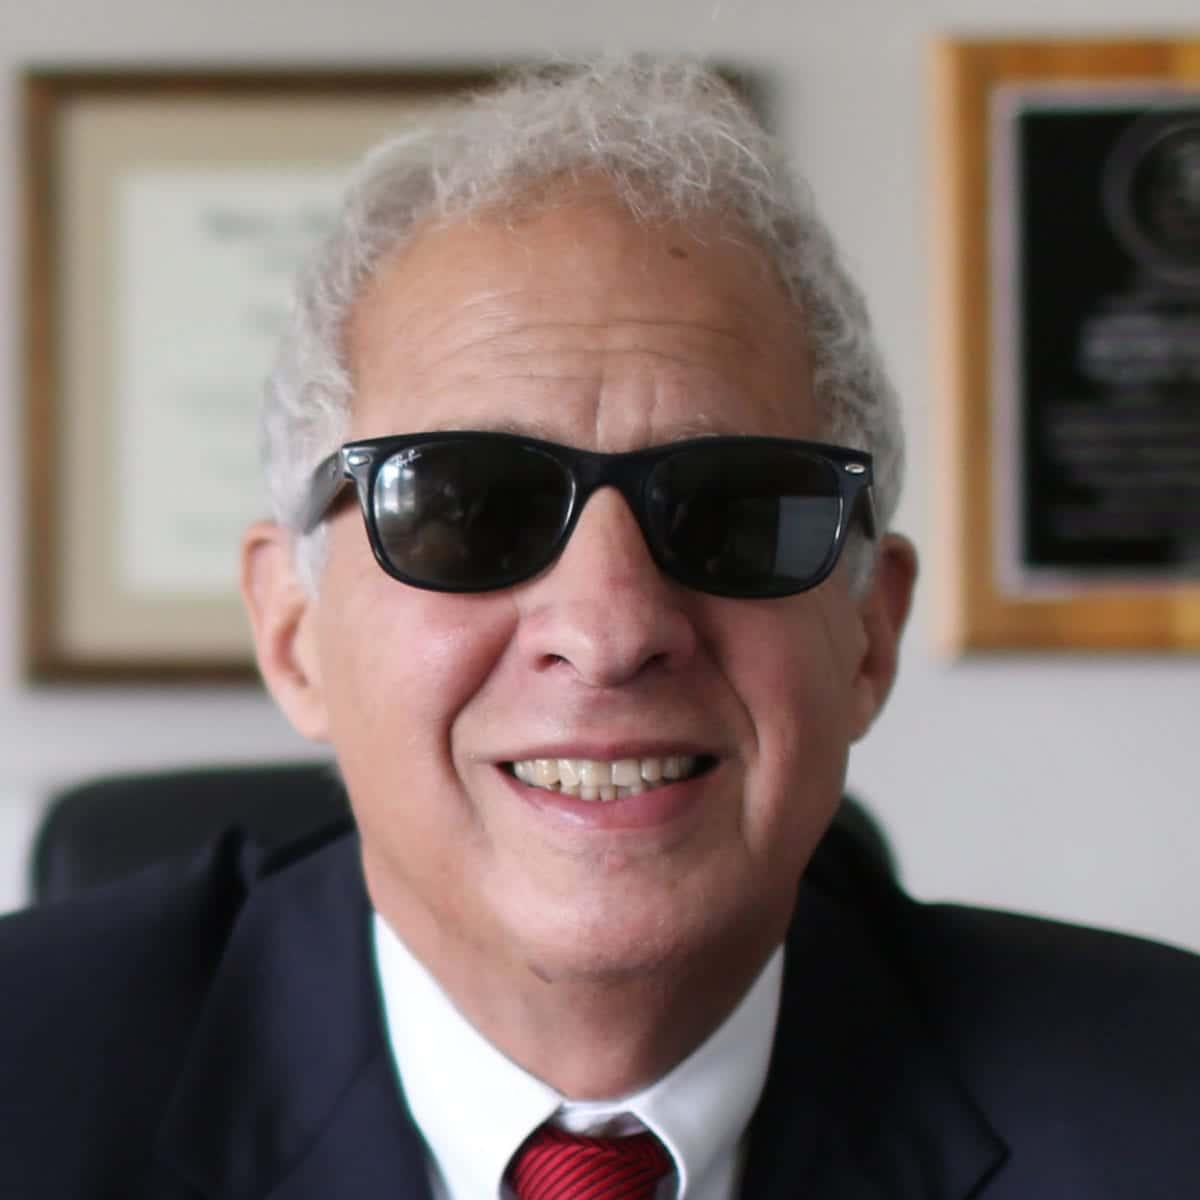 Wayne McKinney, Jr., Des Moines University Board of Trustees